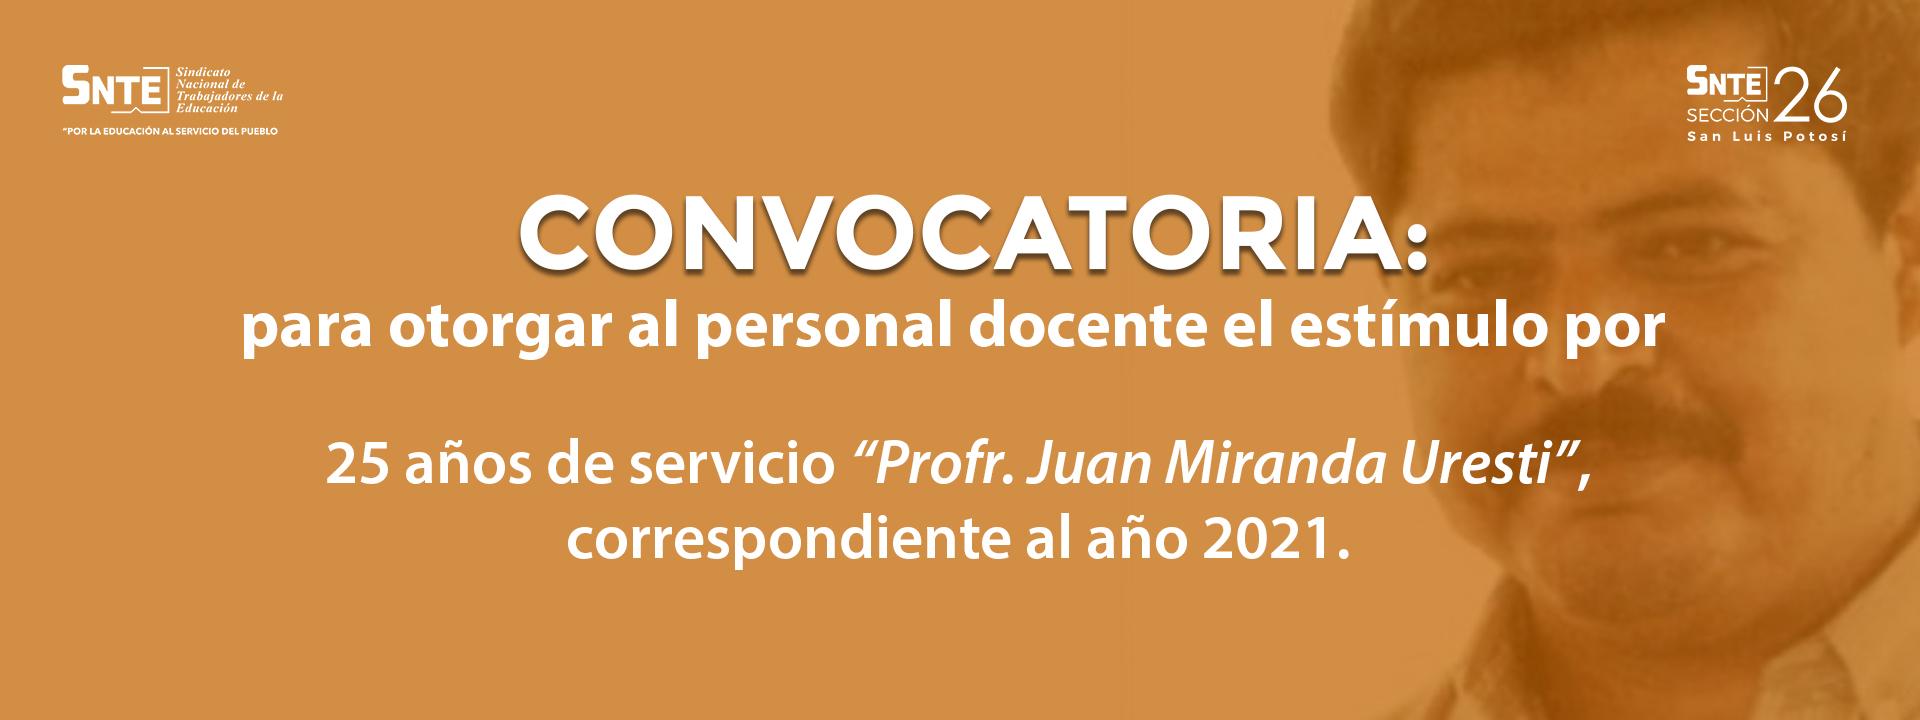 """Convocatoria por 25 años de servicio """"Prof. Juan Miranda Uresti"""""""